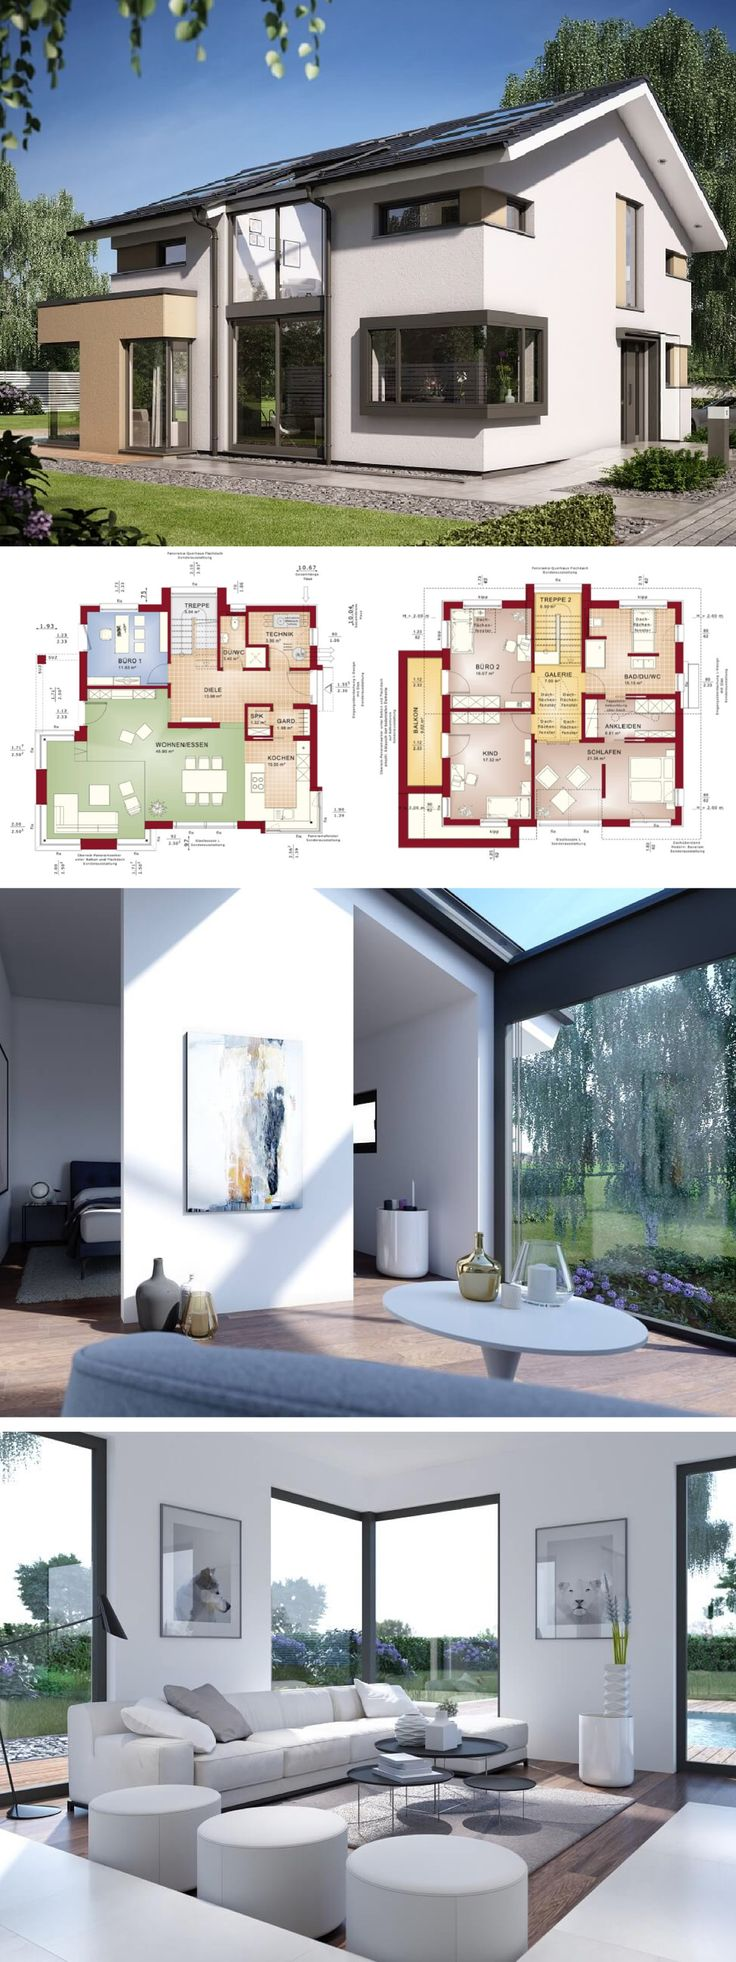 Wundervoll Einfamilienhaus Neubau Modern Mit Galerie U0026 Satteldach Architektur   Haus  Bauen Grundriss Fertighaus Design Concept